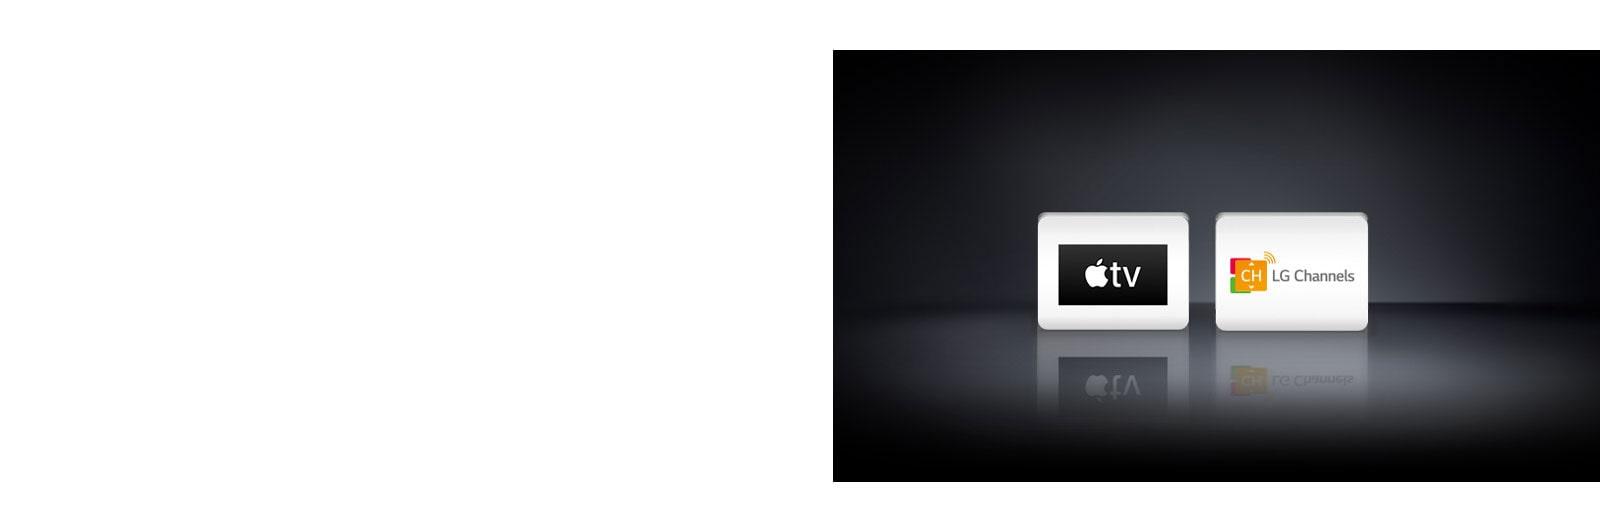 Три логотипа: Приложение Apple TV и LG Channels